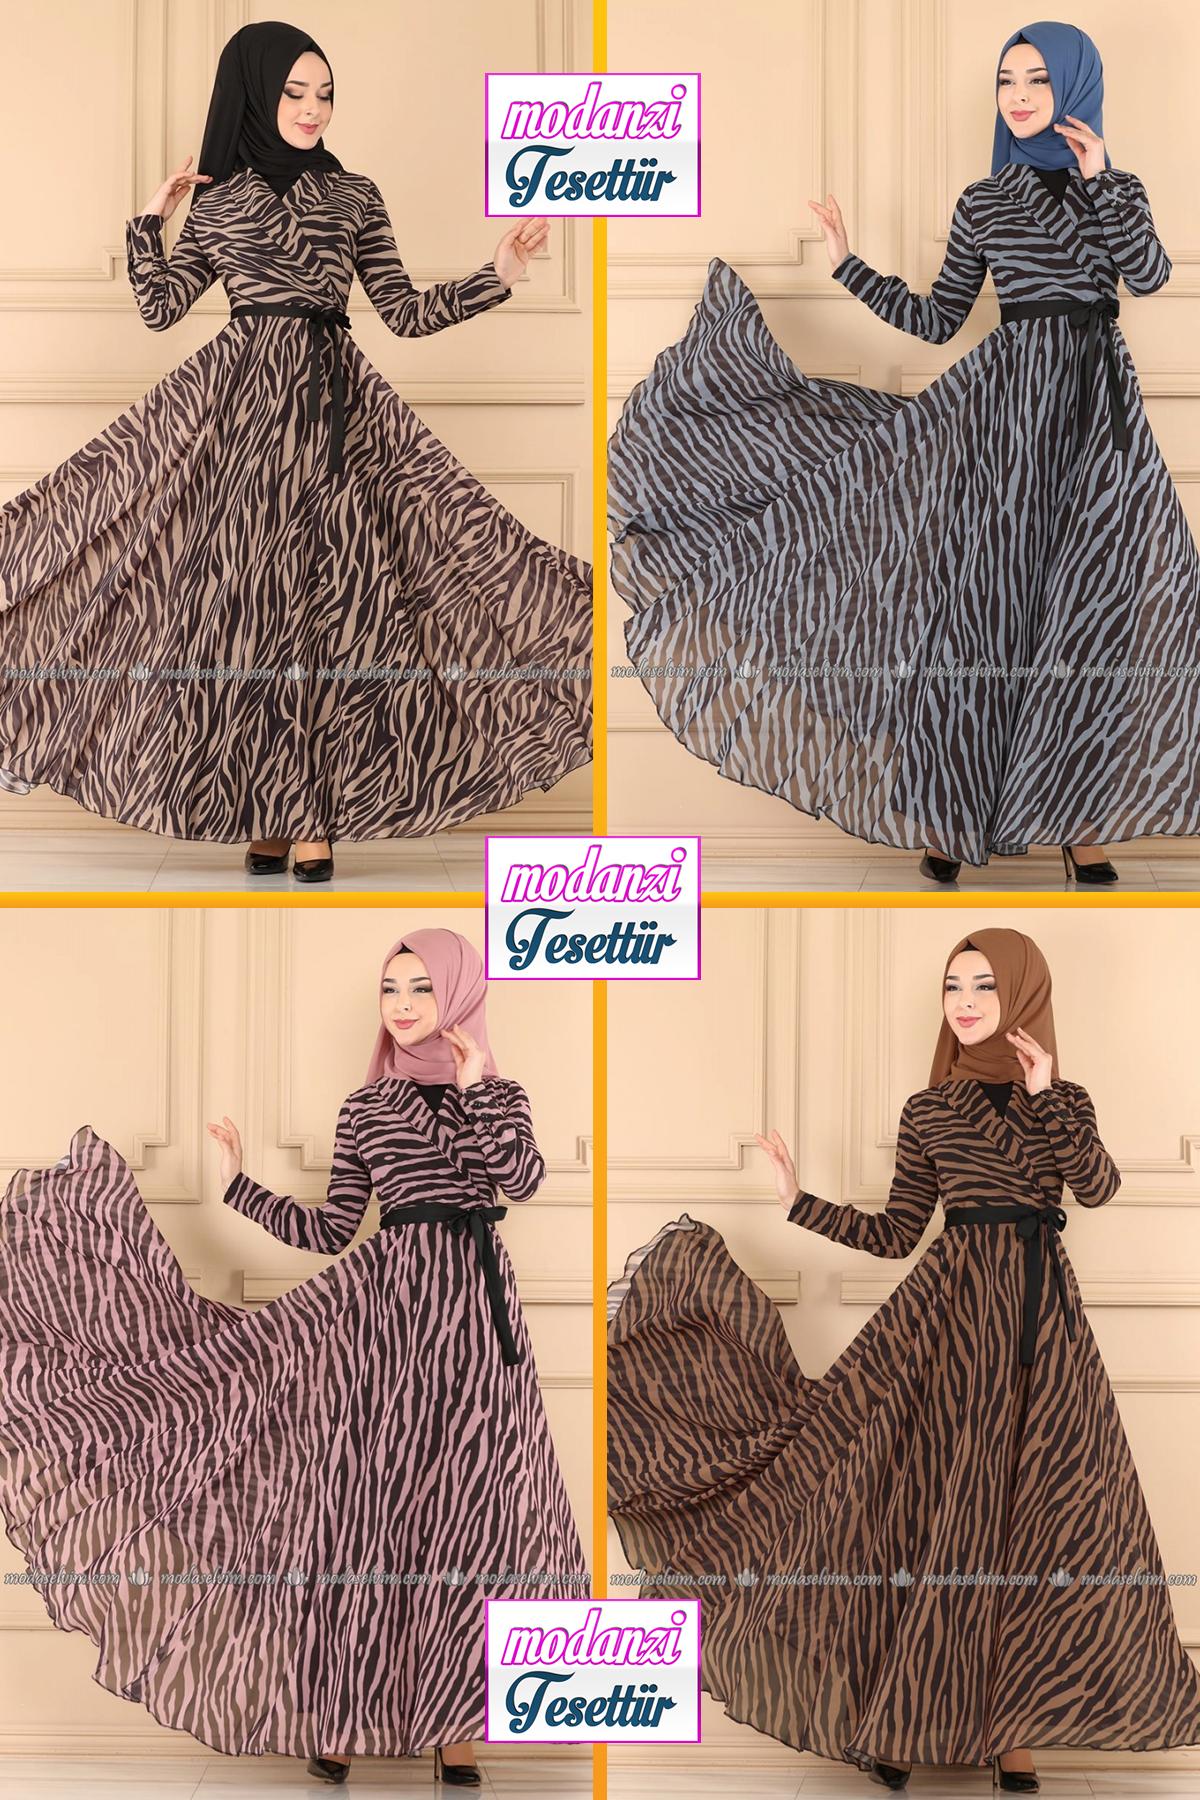 Modaselvim Elbise Modelleri 2020 29 Moda Selvim Yeni Sezon Tesettur Elbise Modelleri 2020 Kadin Kiyafetleri Moda Stilleri The Dress